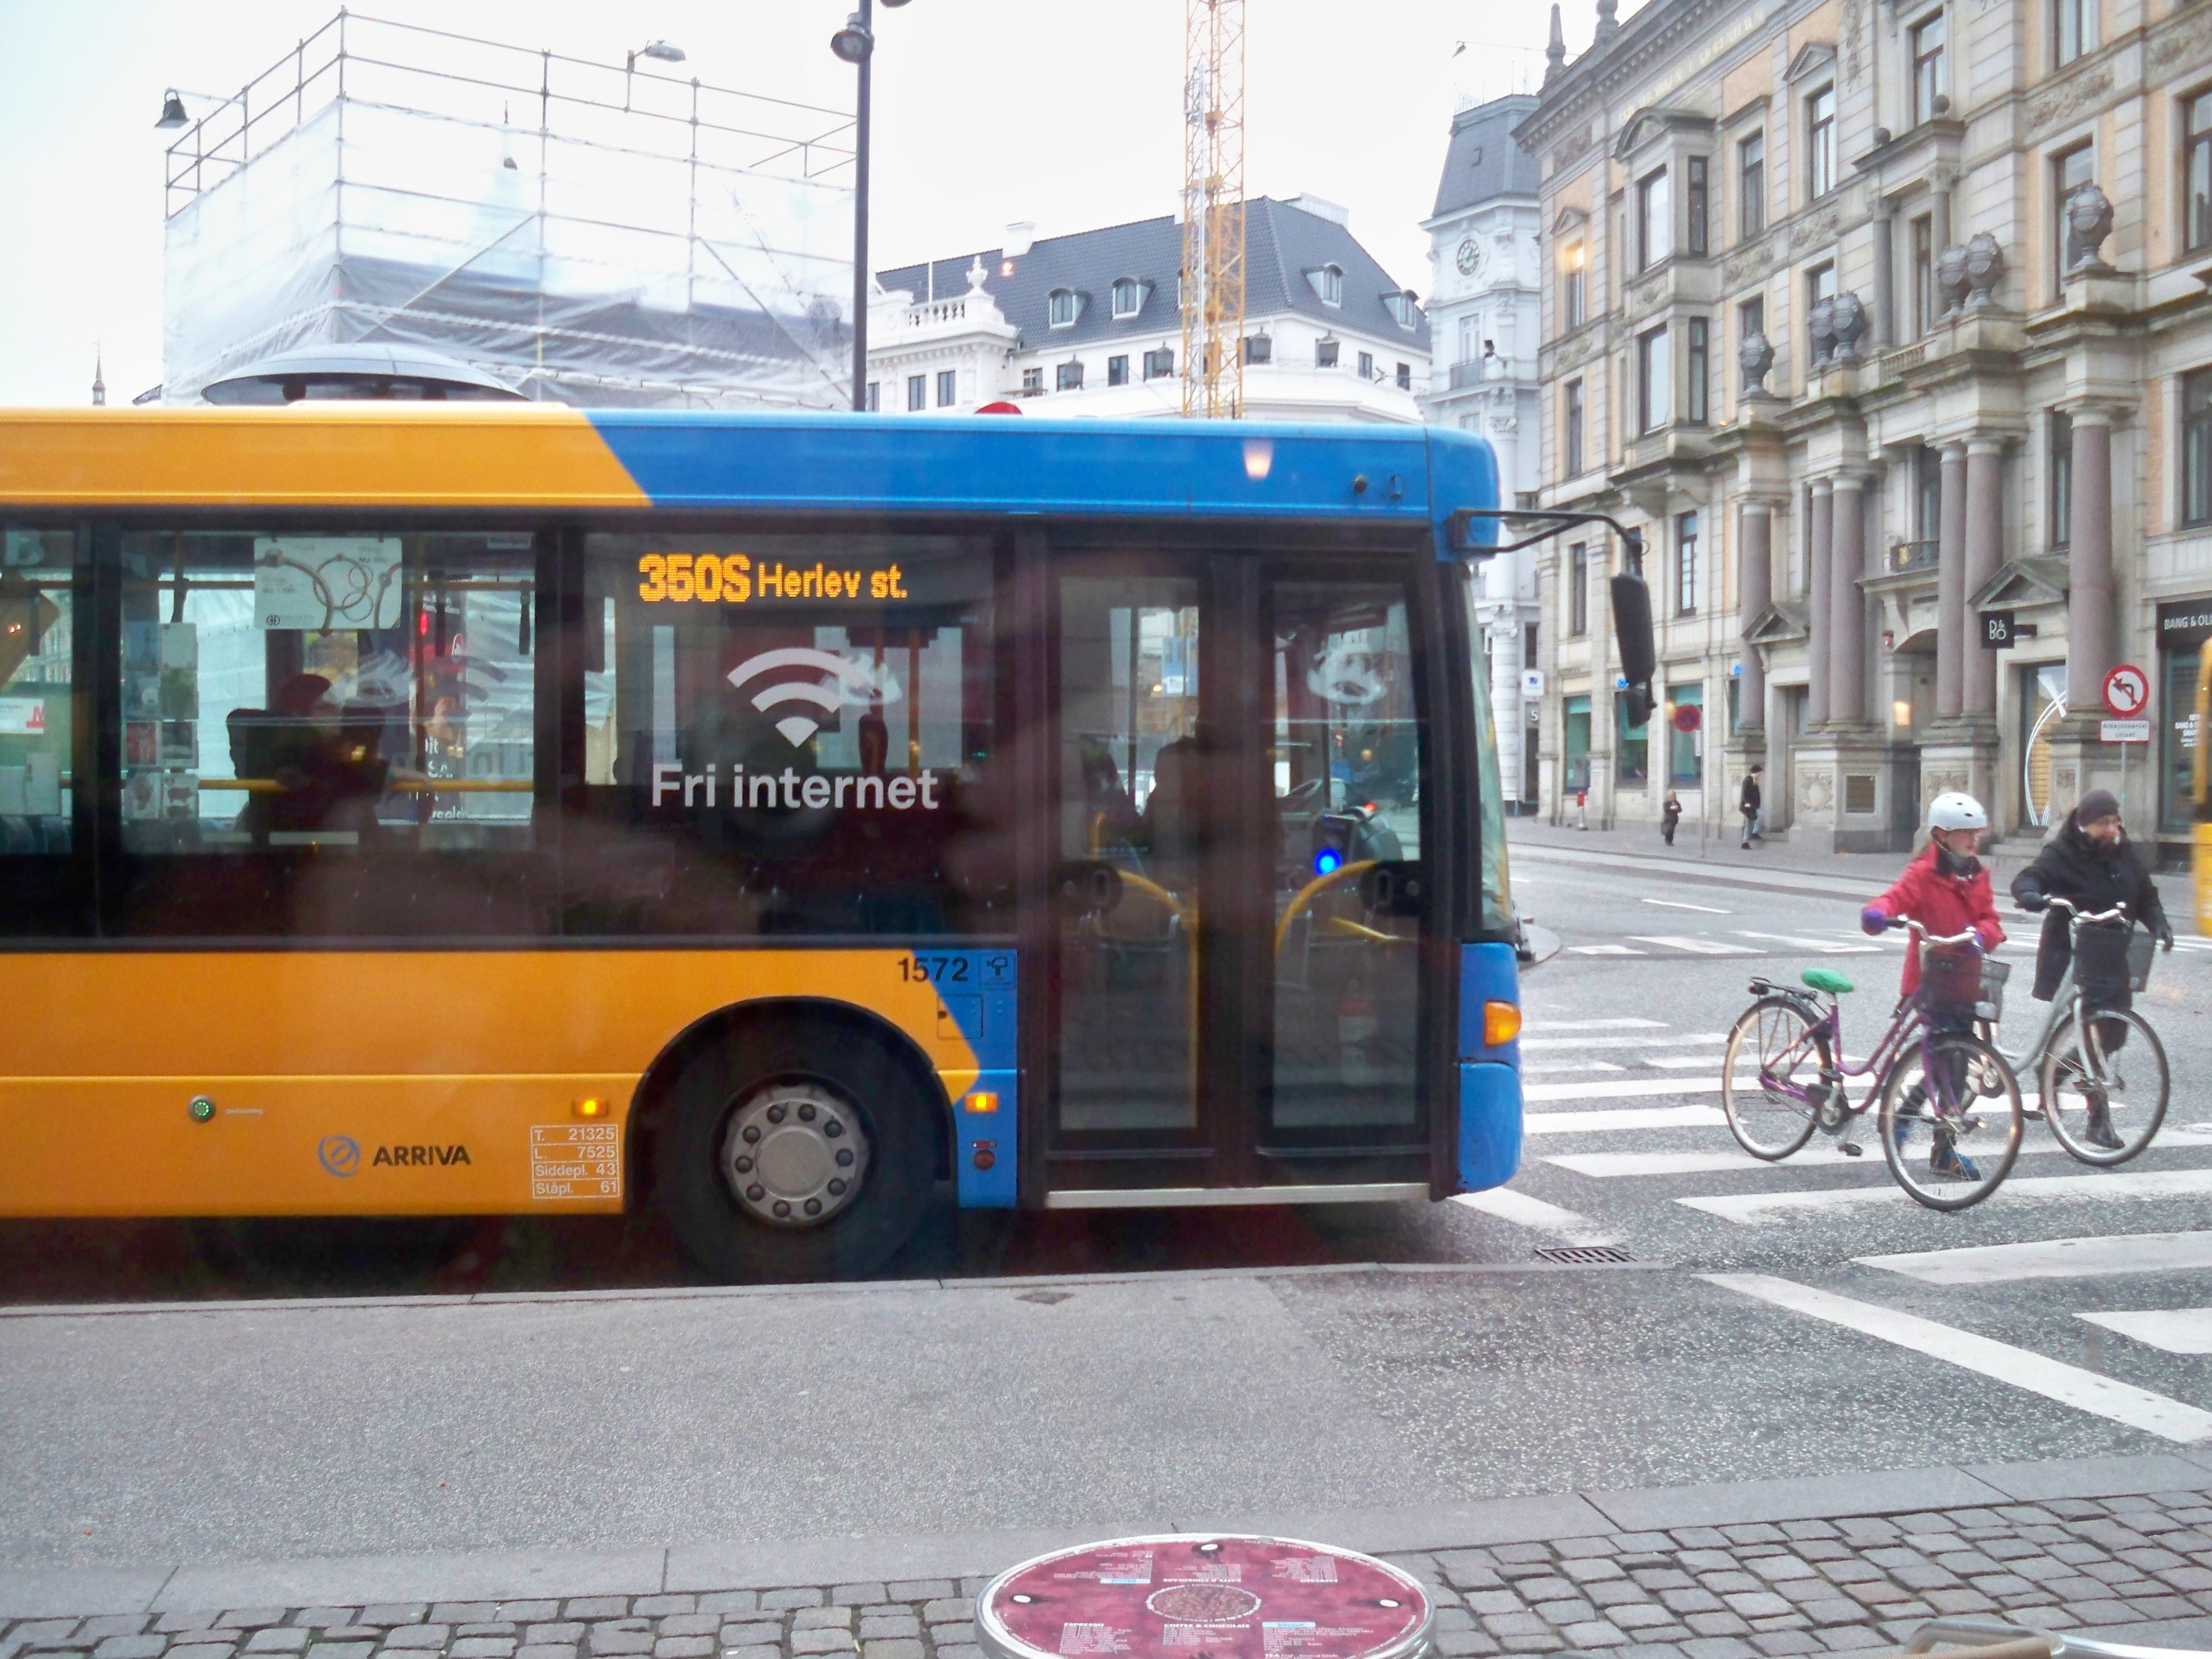 Copenhagen bus